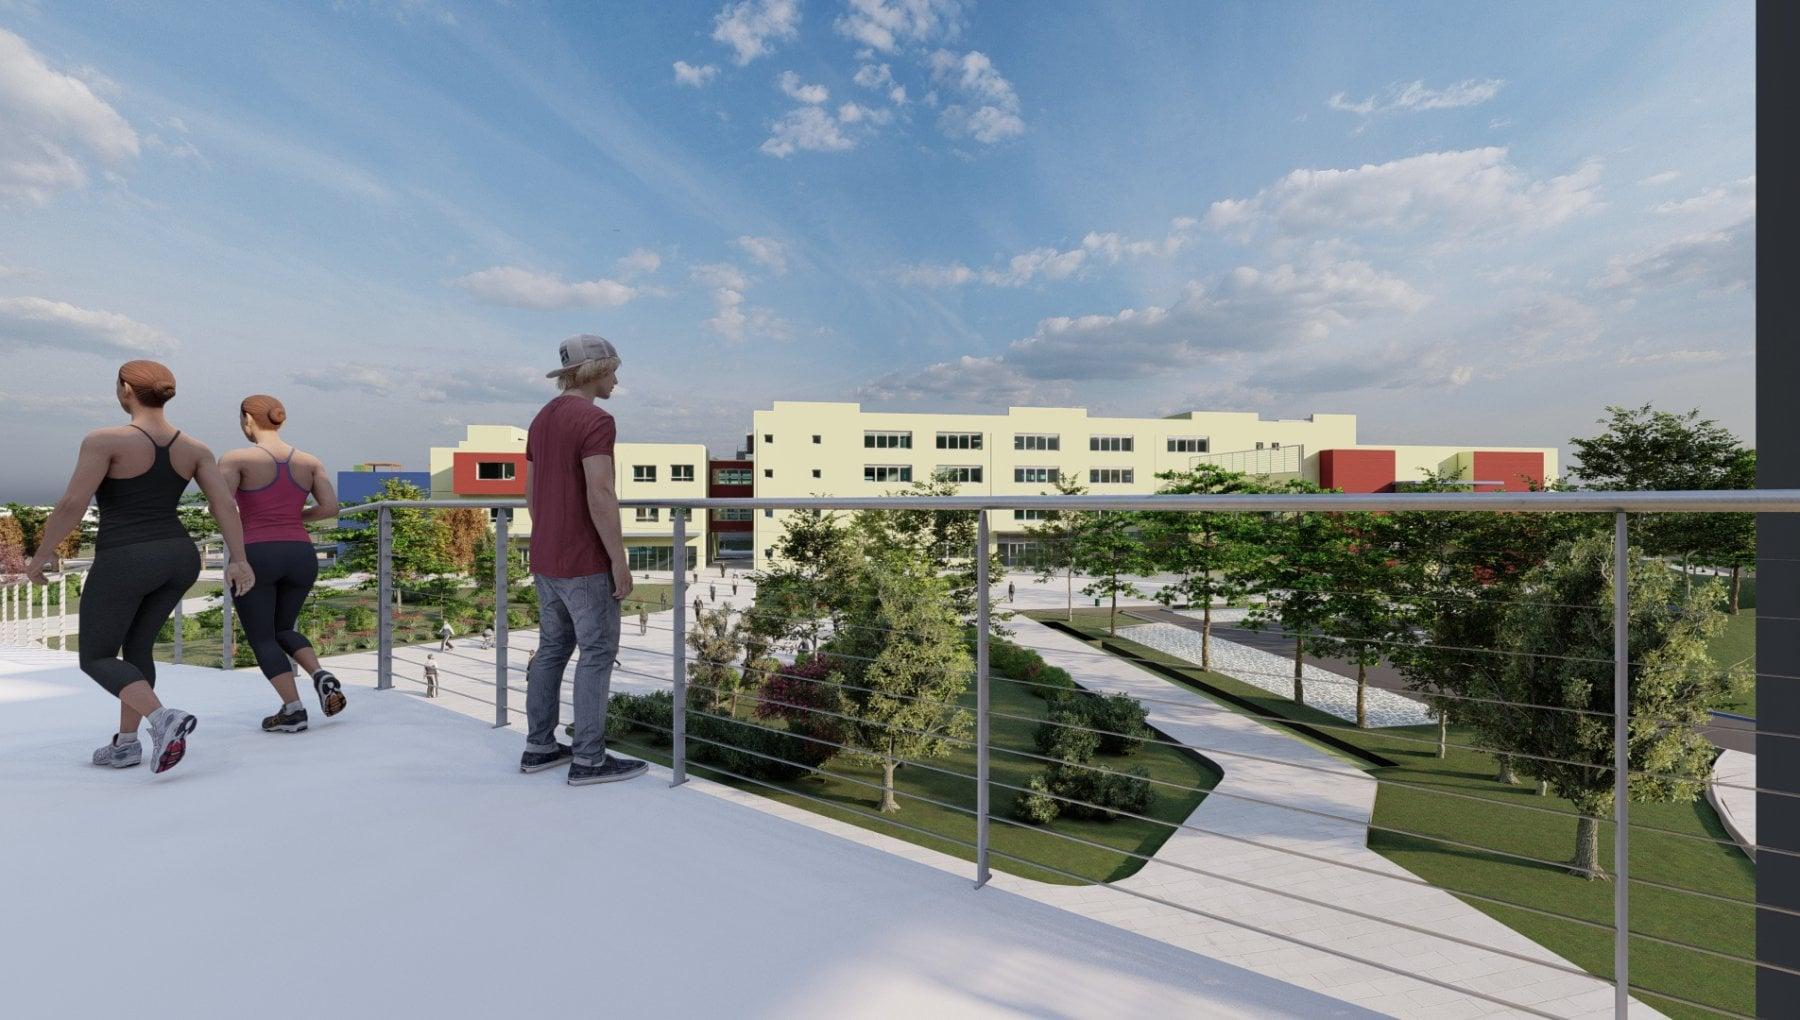 Laboratori Palestre Il Campus Di Grugliasco Pronto Per Il 2024 La Repubblica